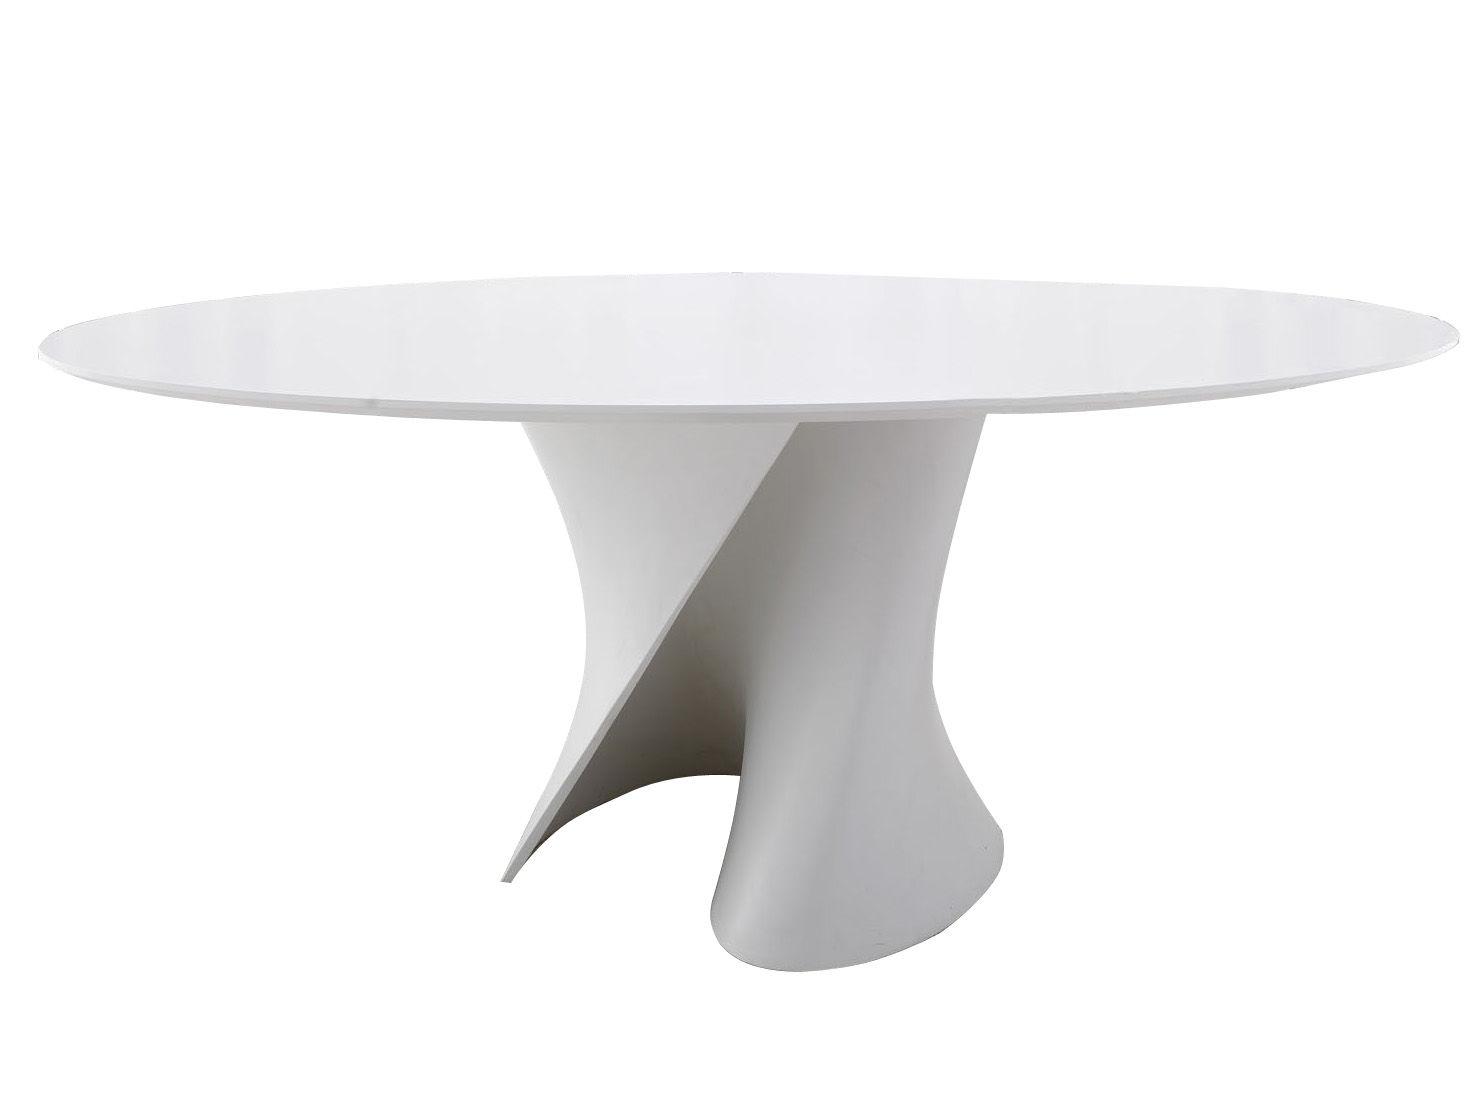 Möbel - Tische - S Ovale Runder Tisch oval - 210 x 150 cm - MDF Italia - Platte weiß - weiße Basis - Cristalplant